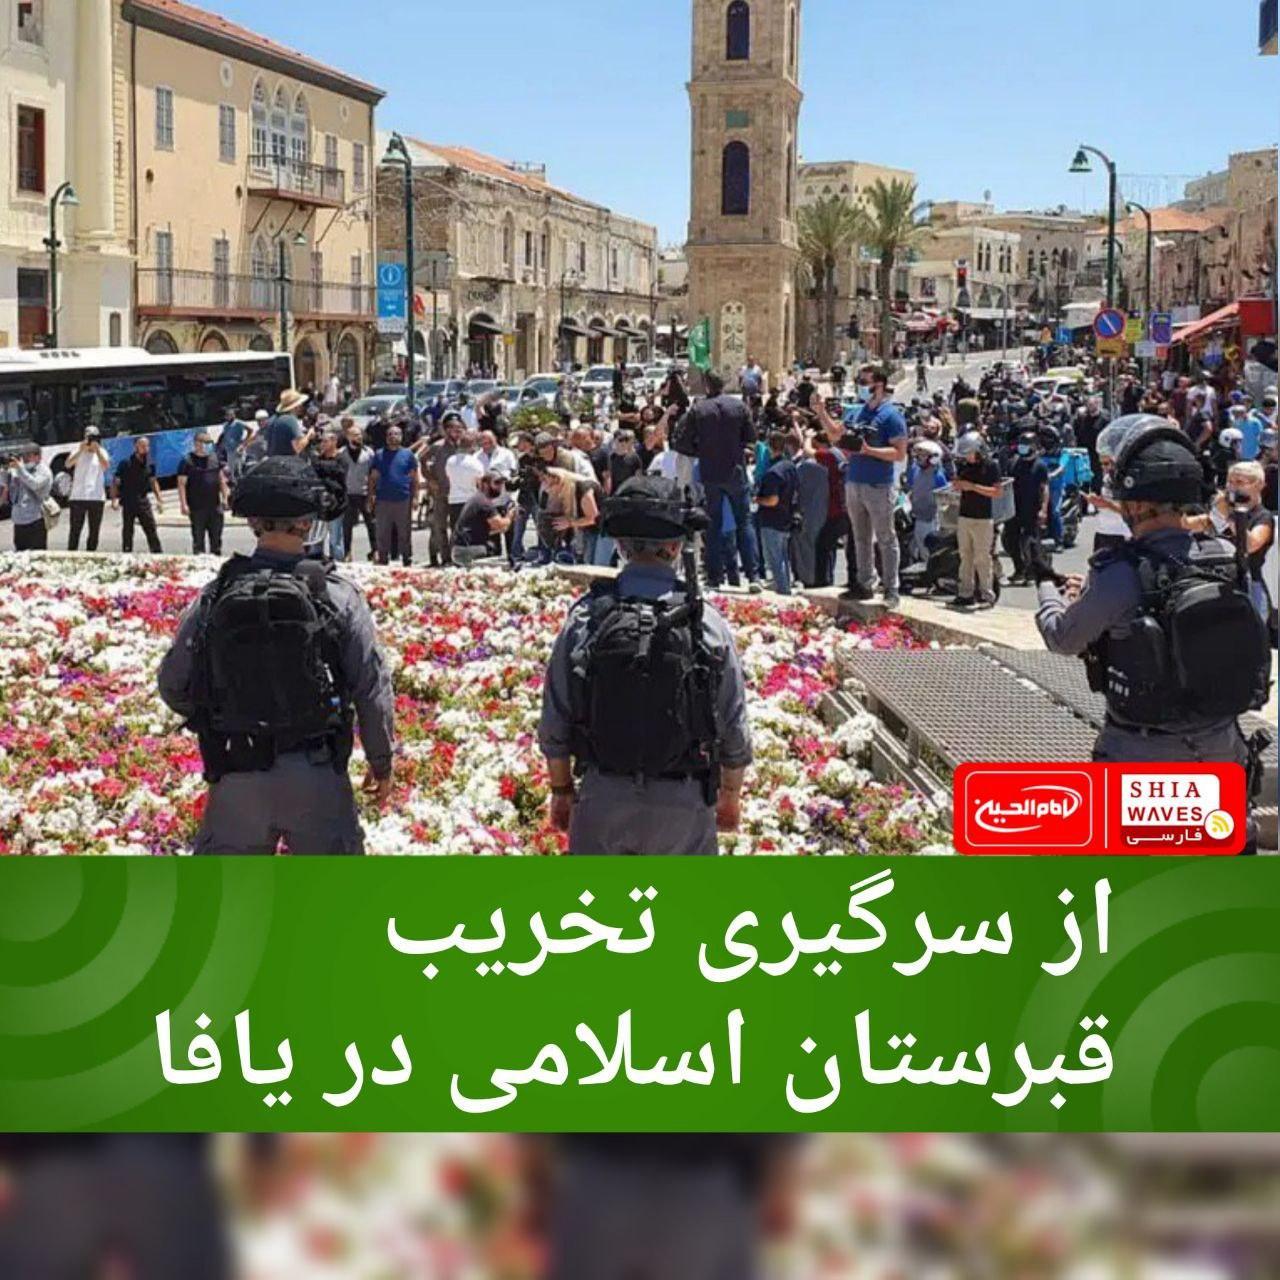 تصویر ازسرگیری تخریب قبرستان اسلامی در یافا